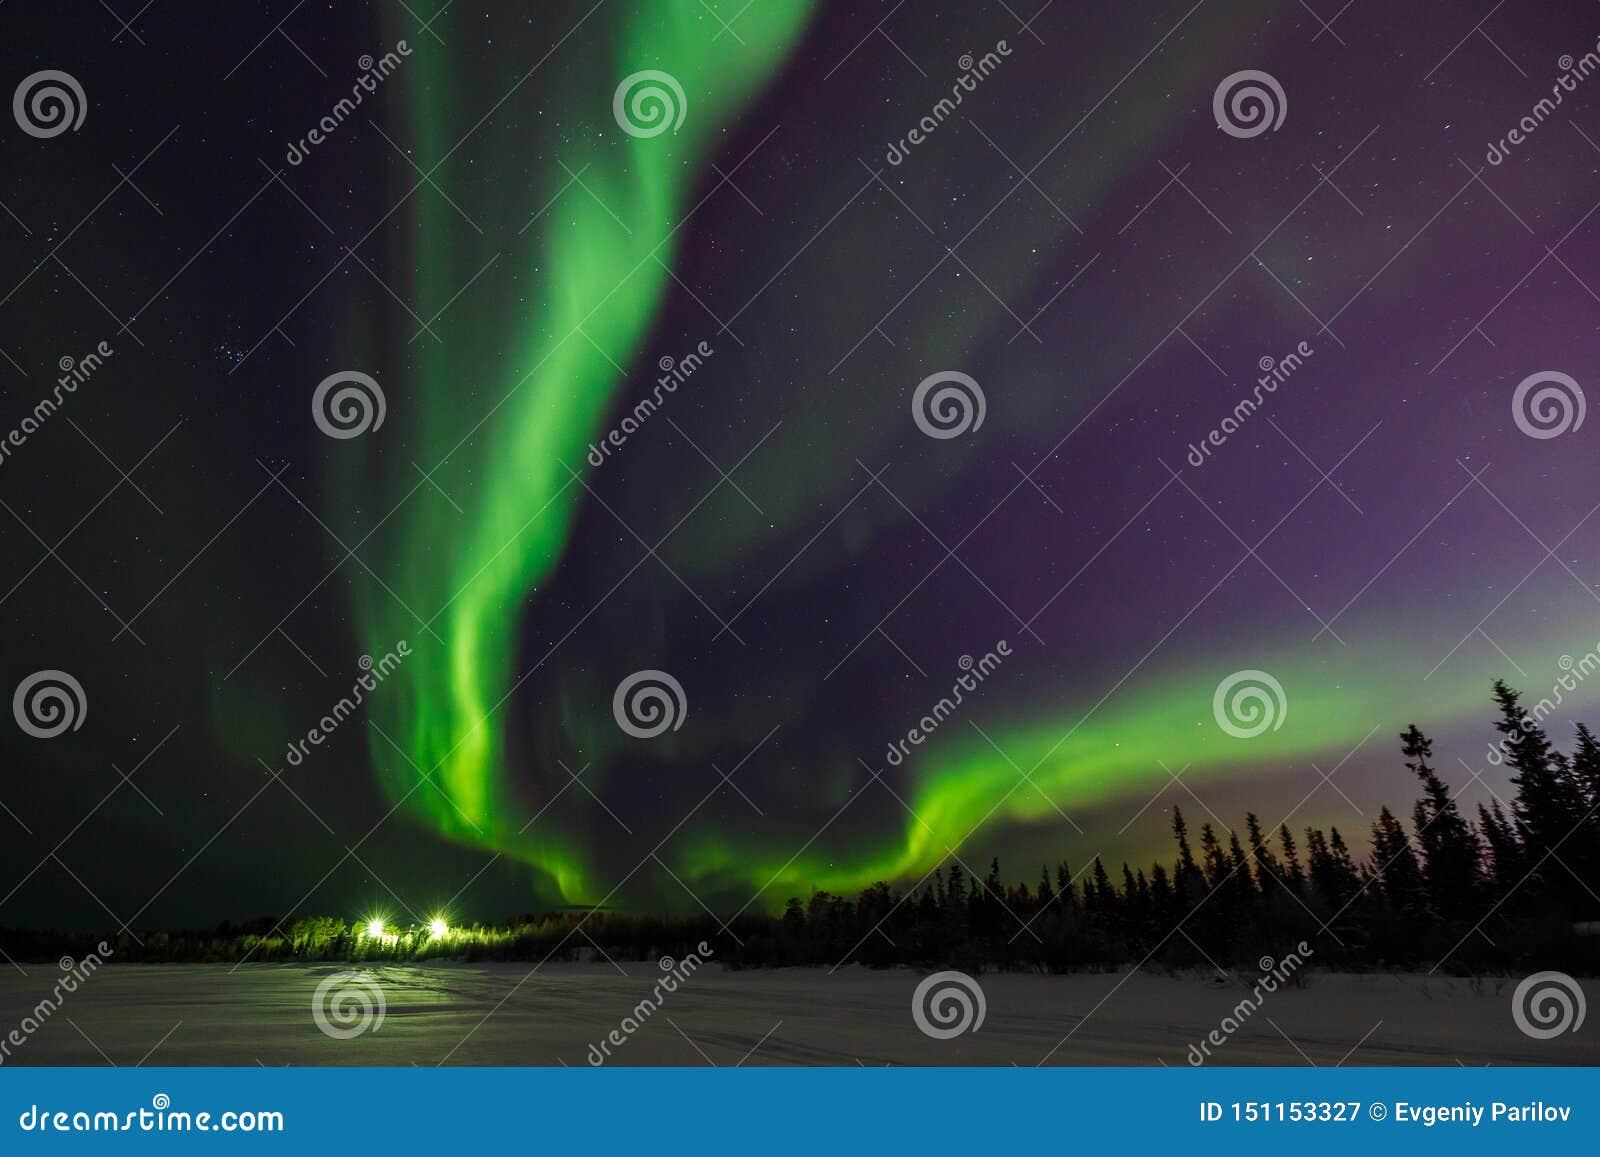 Ljust - gröna exponeringar av nordliga ljus går in i perspektiv utöver svart horisont